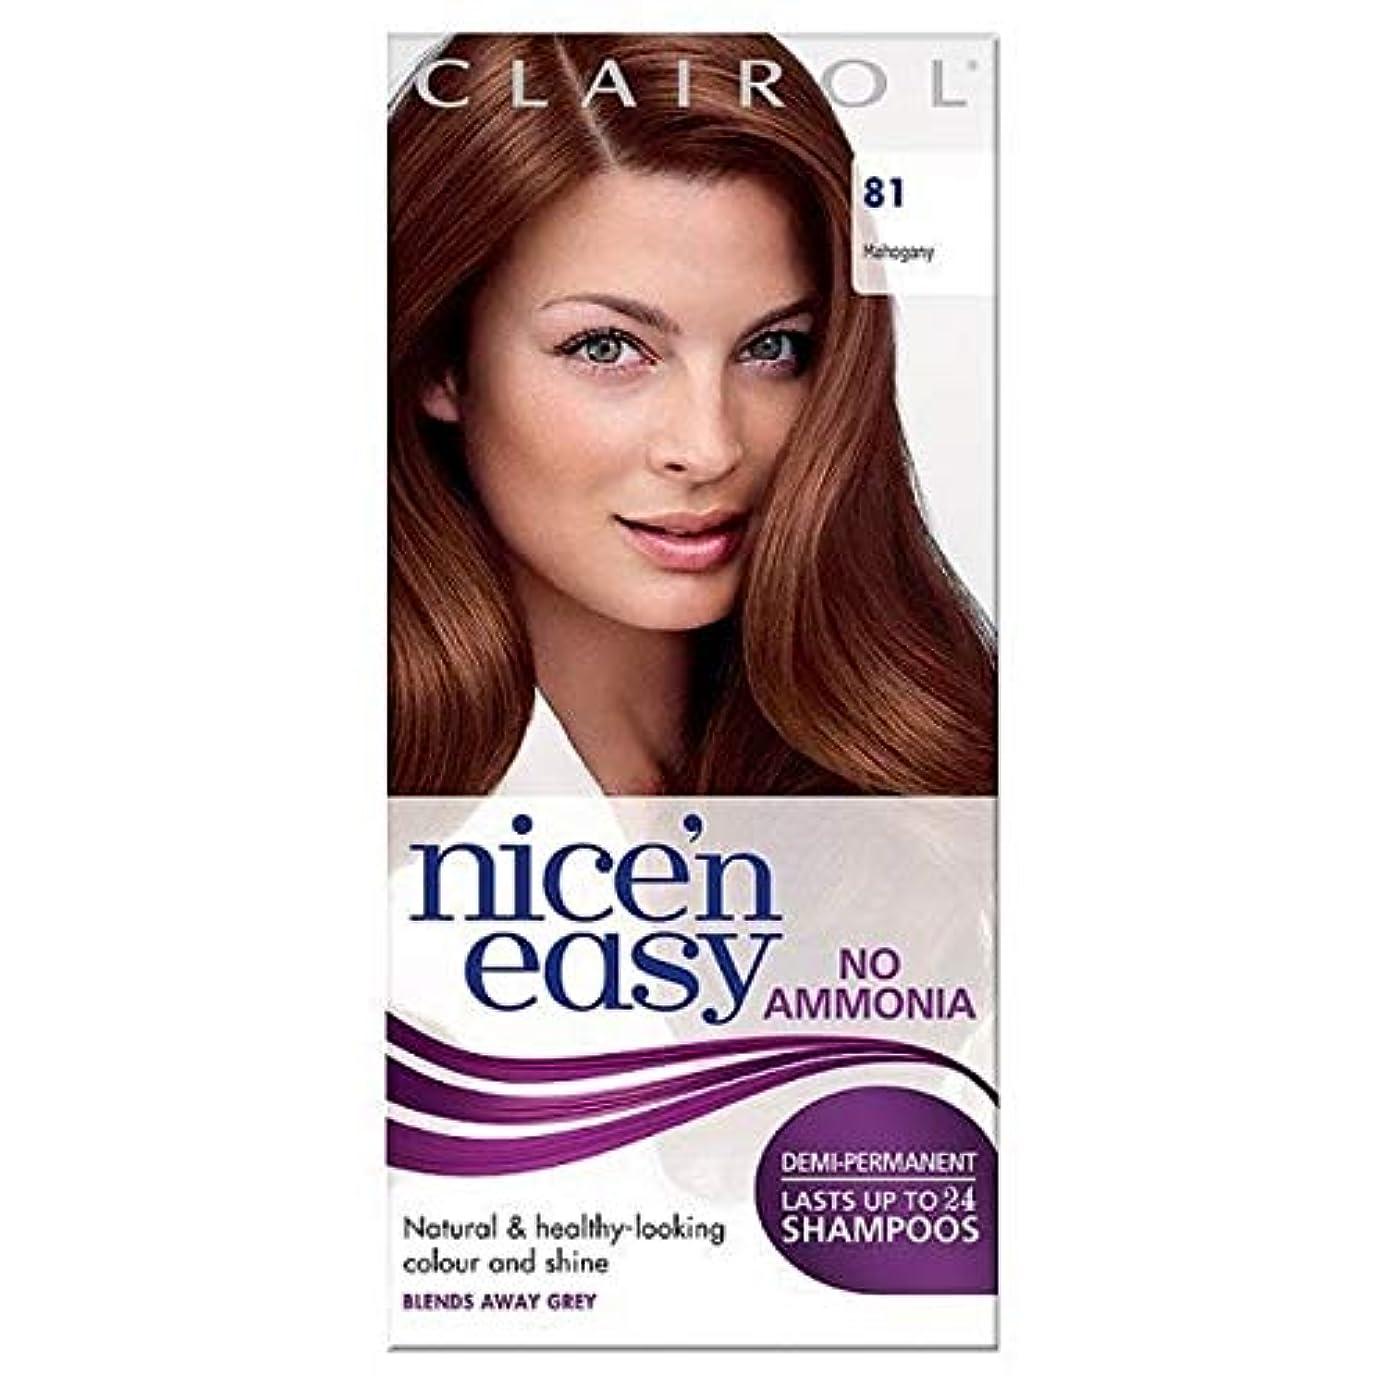 ジェームズダイソンラッシュ過敏な[Nice'n Easy] Nice'N簡単に何のアンモニアの染毛剤マホガニーません81 - Nice'n Easy No Ammonia Hair Dye Mahogany 81 [並行輸入品]